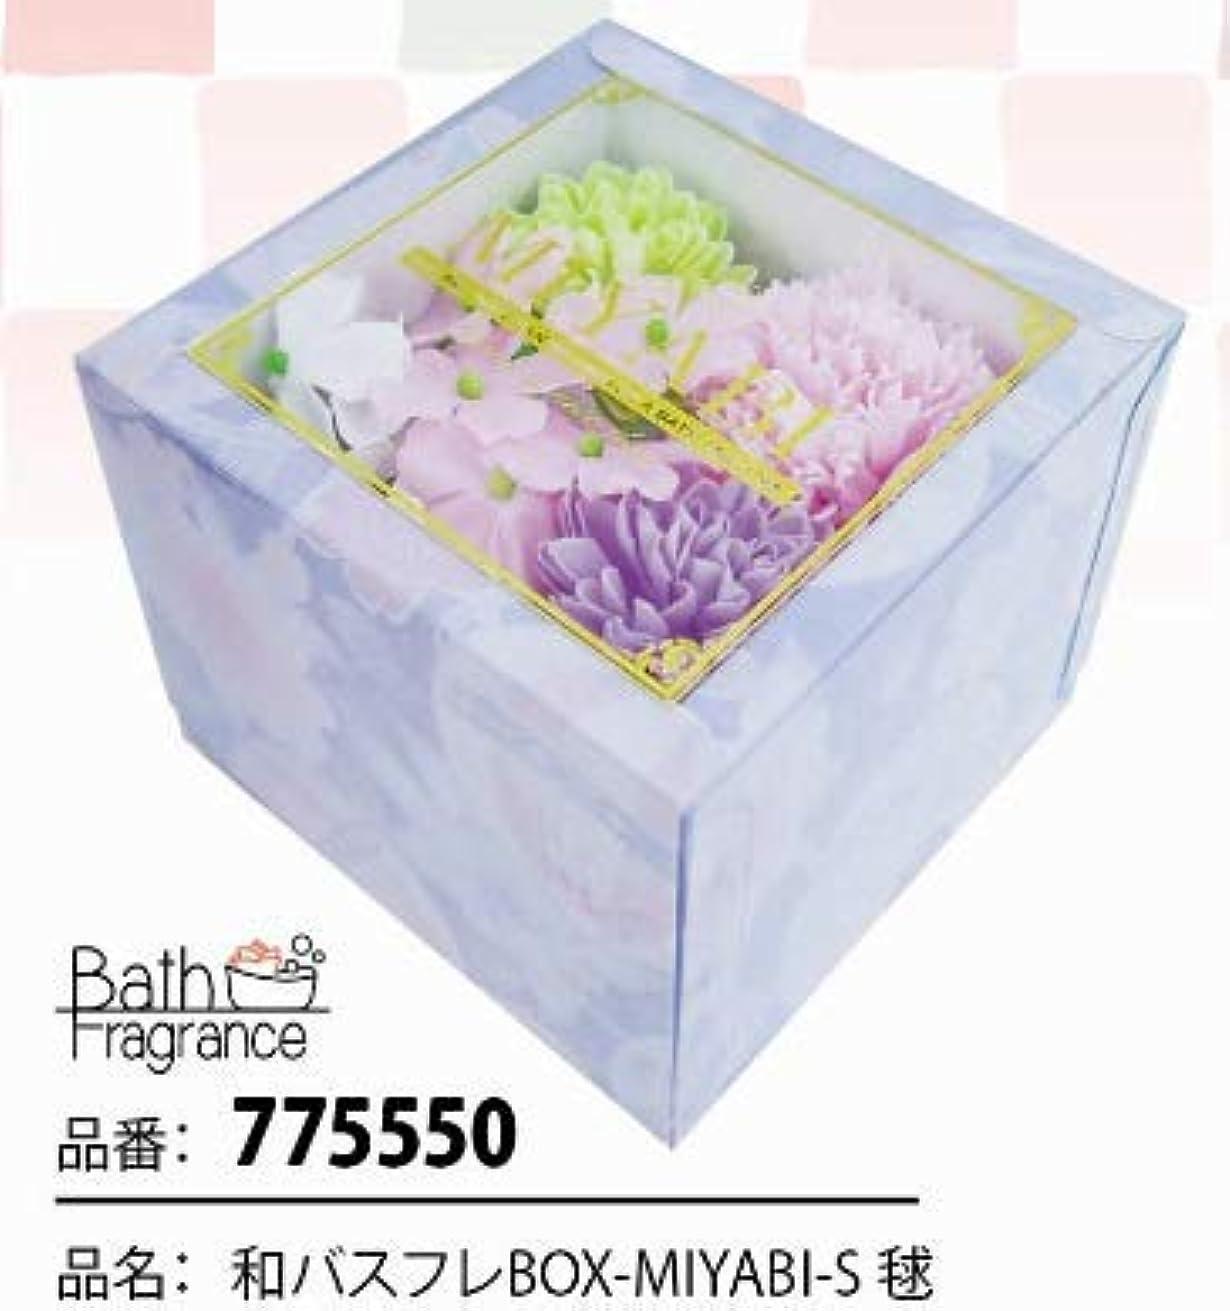 自治登録するスマート花のカタチの入浴剤 和バスフレBOX-MIYABI-S毬 775550